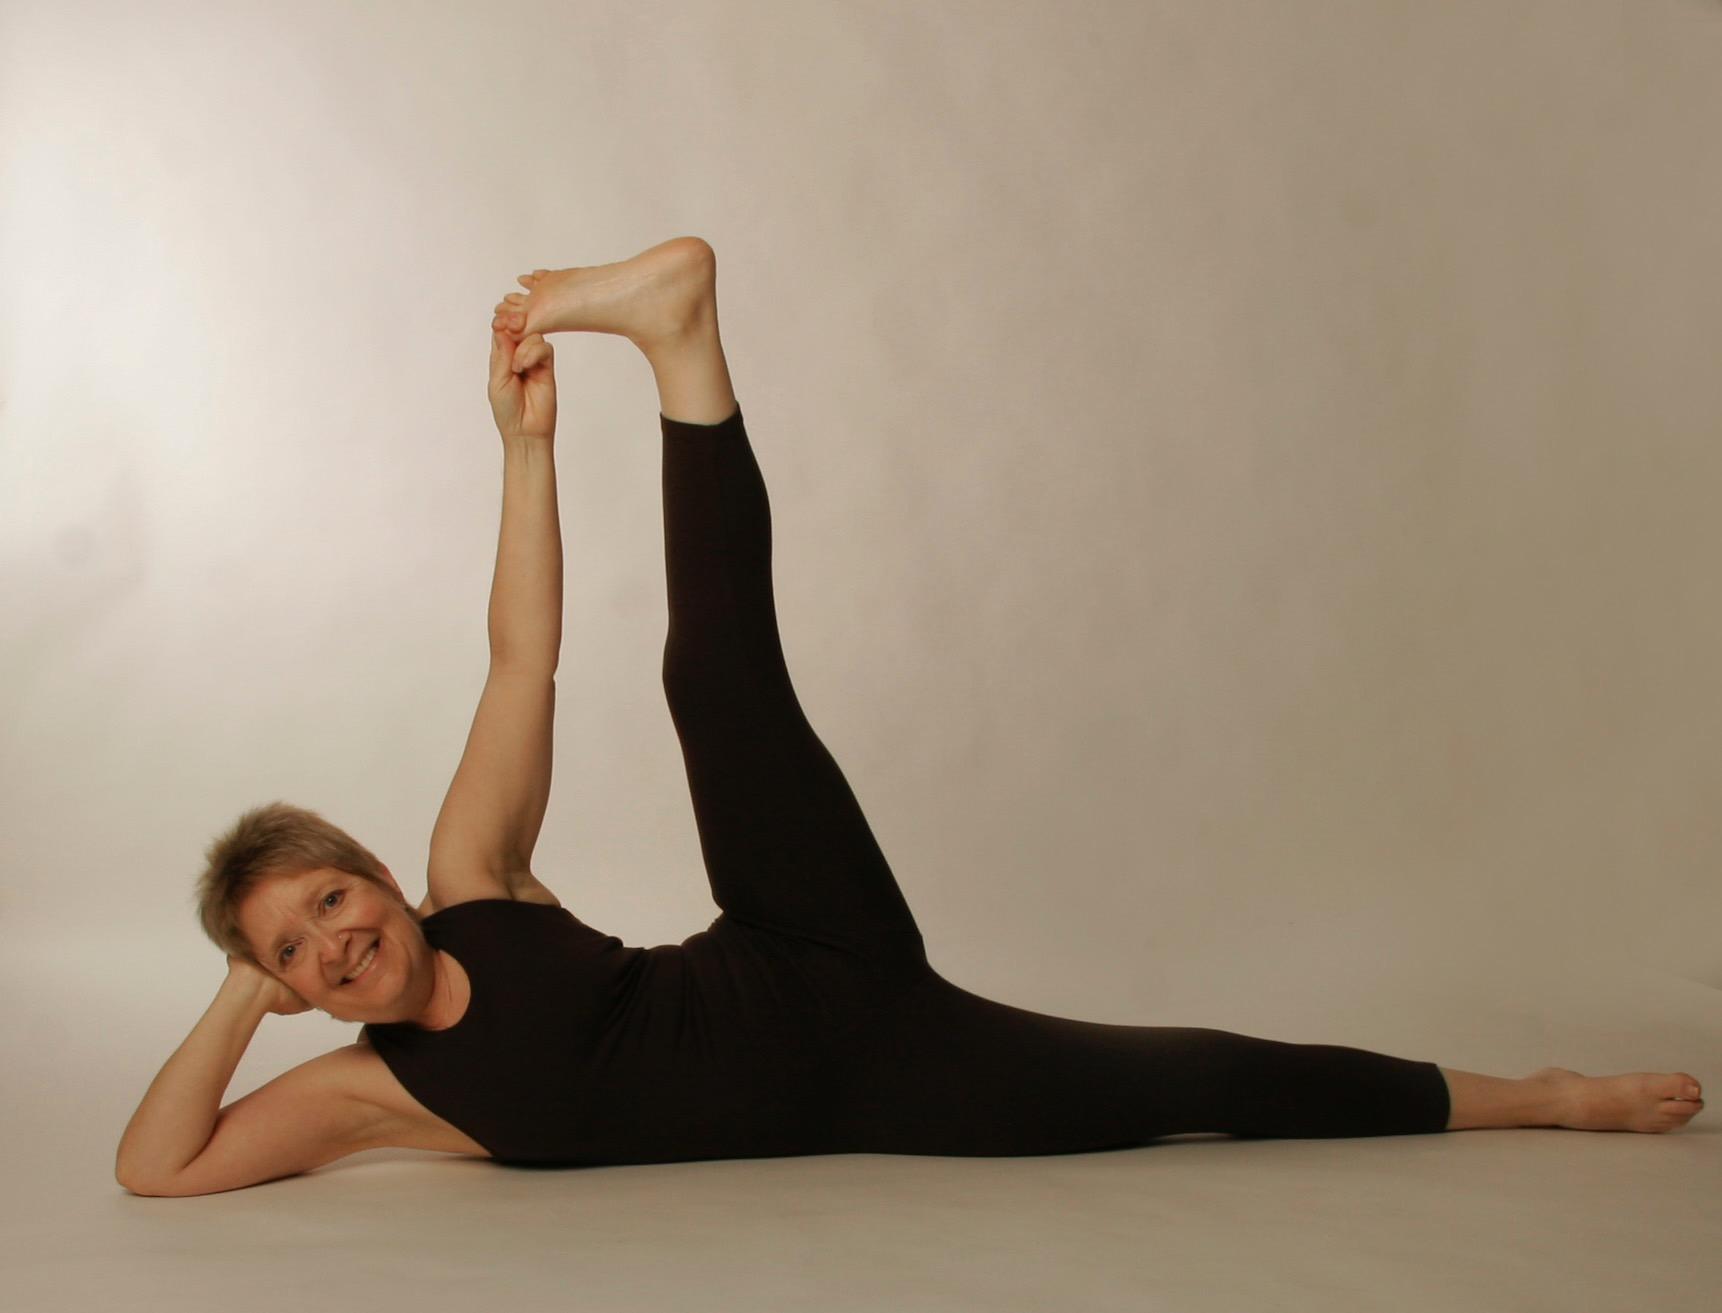 leg-up pose